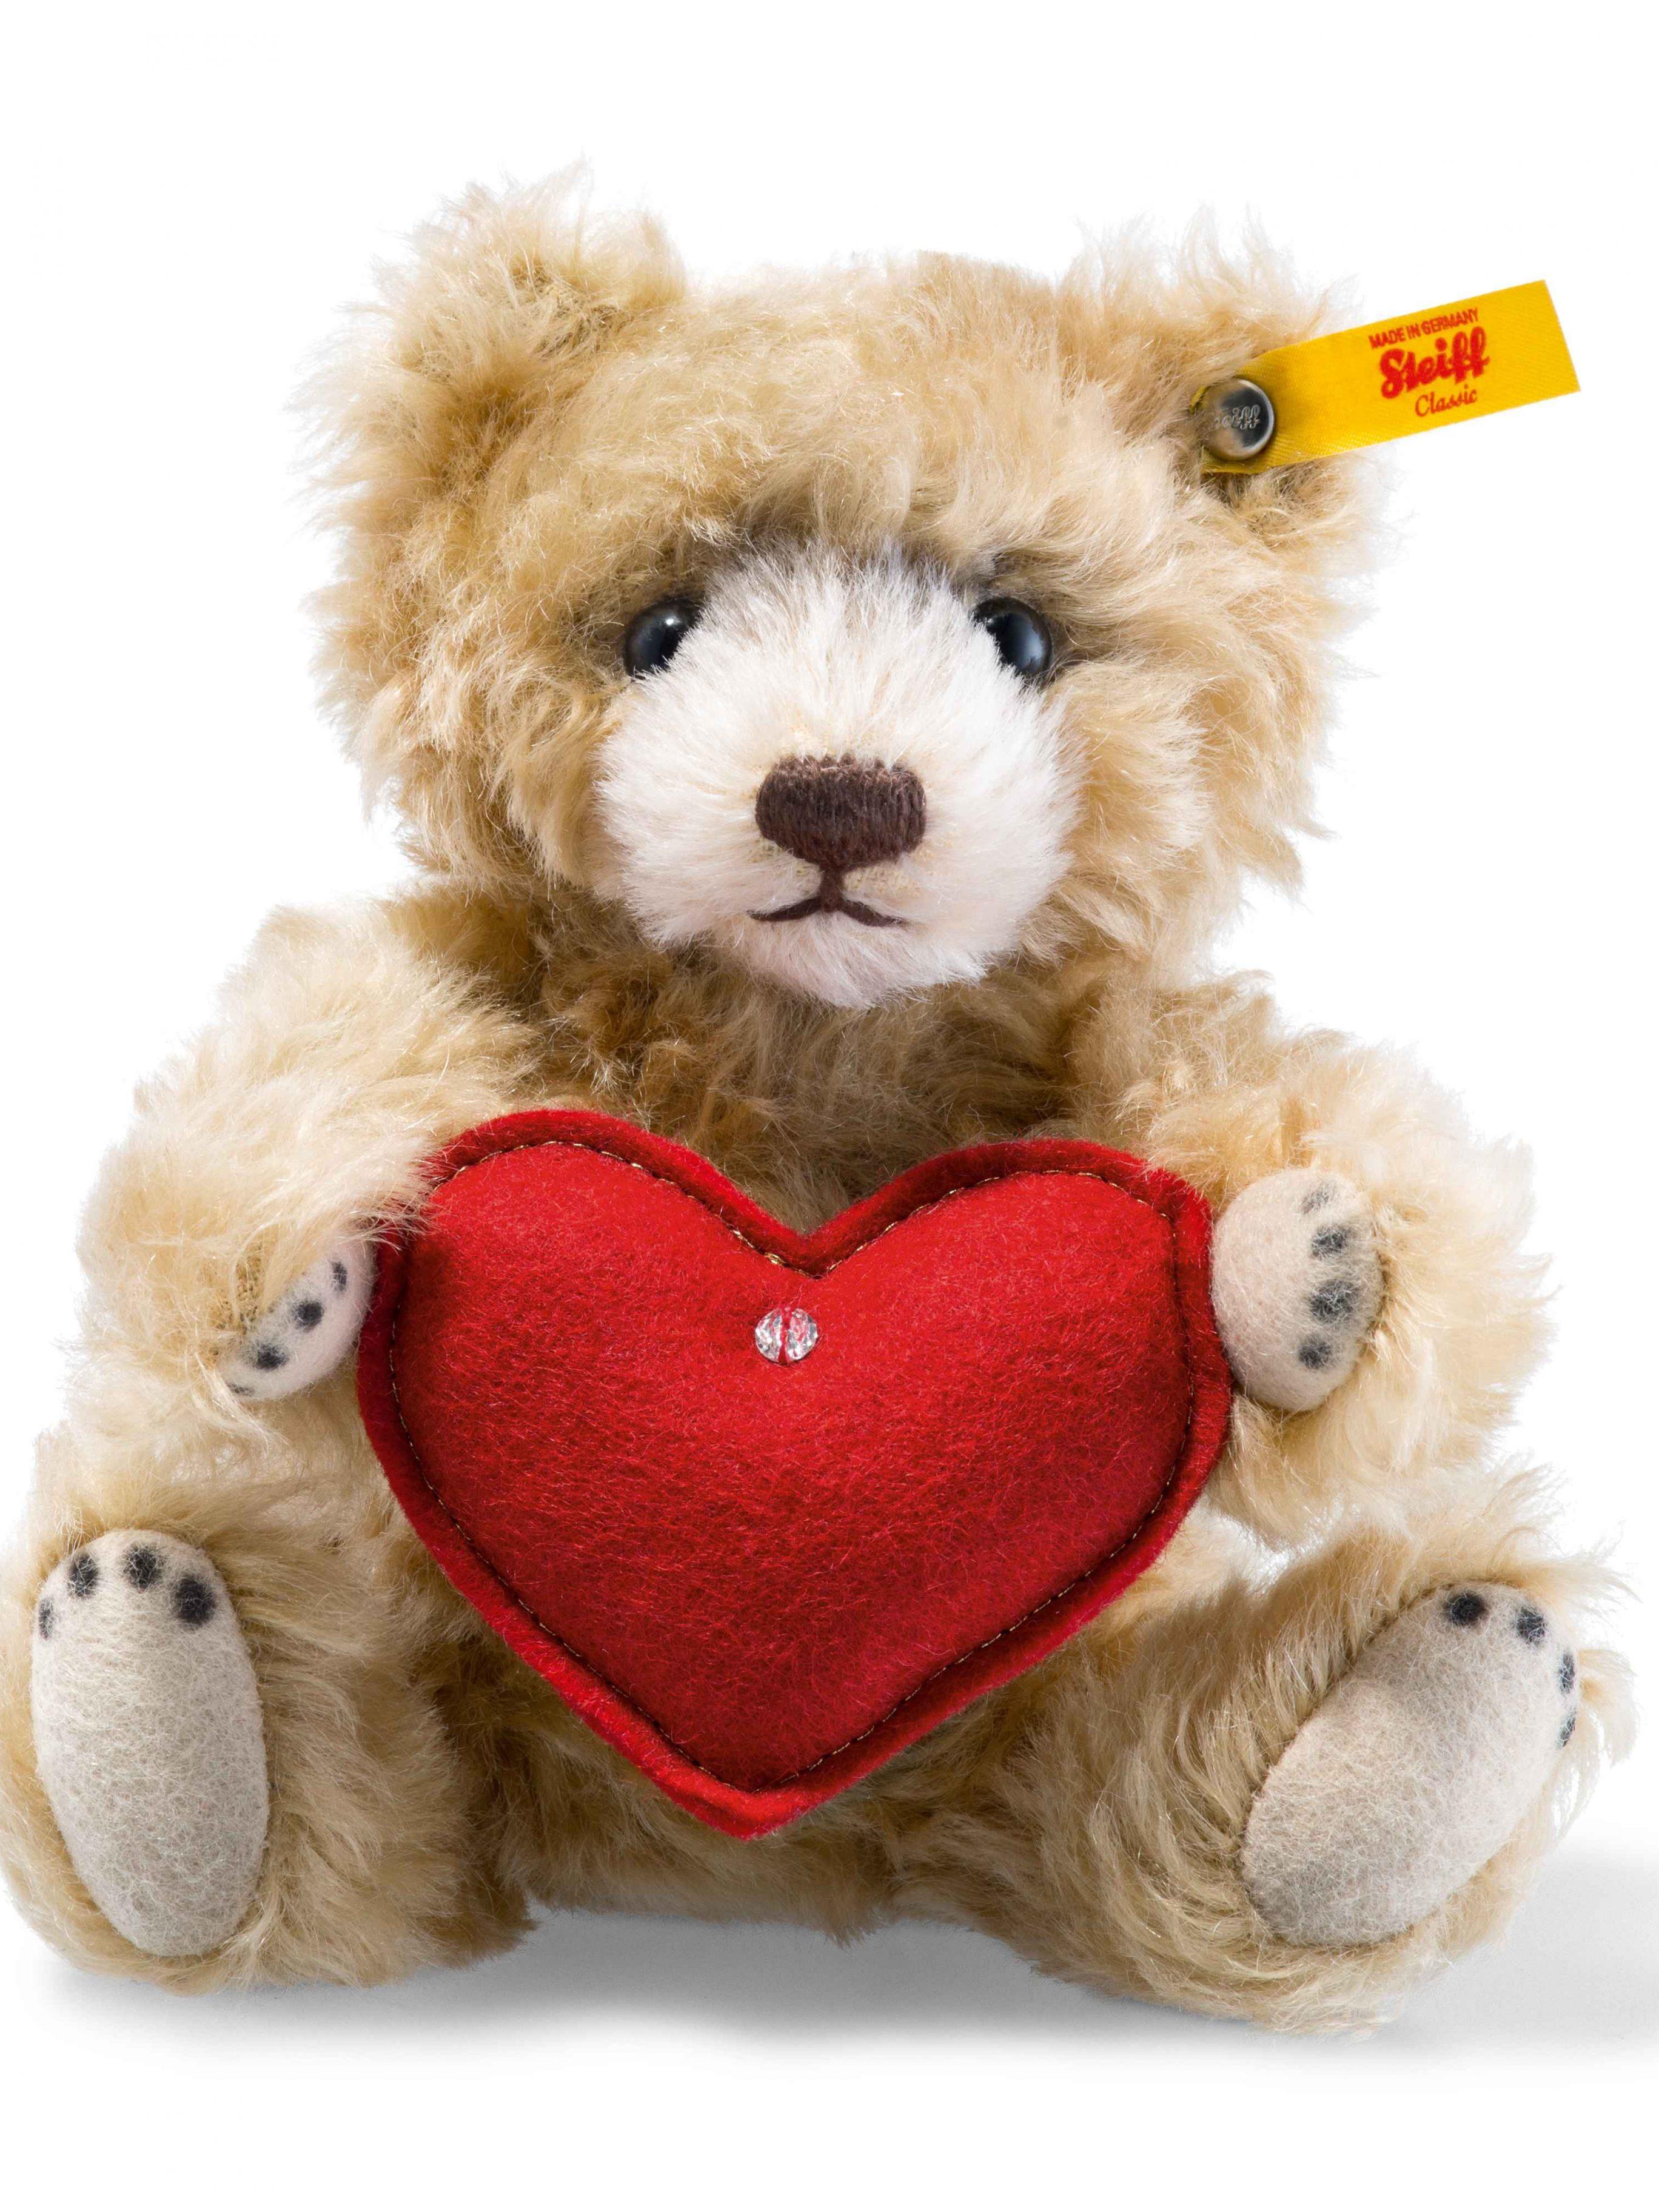 Steiff Teddy with Heart | Teddy Bears